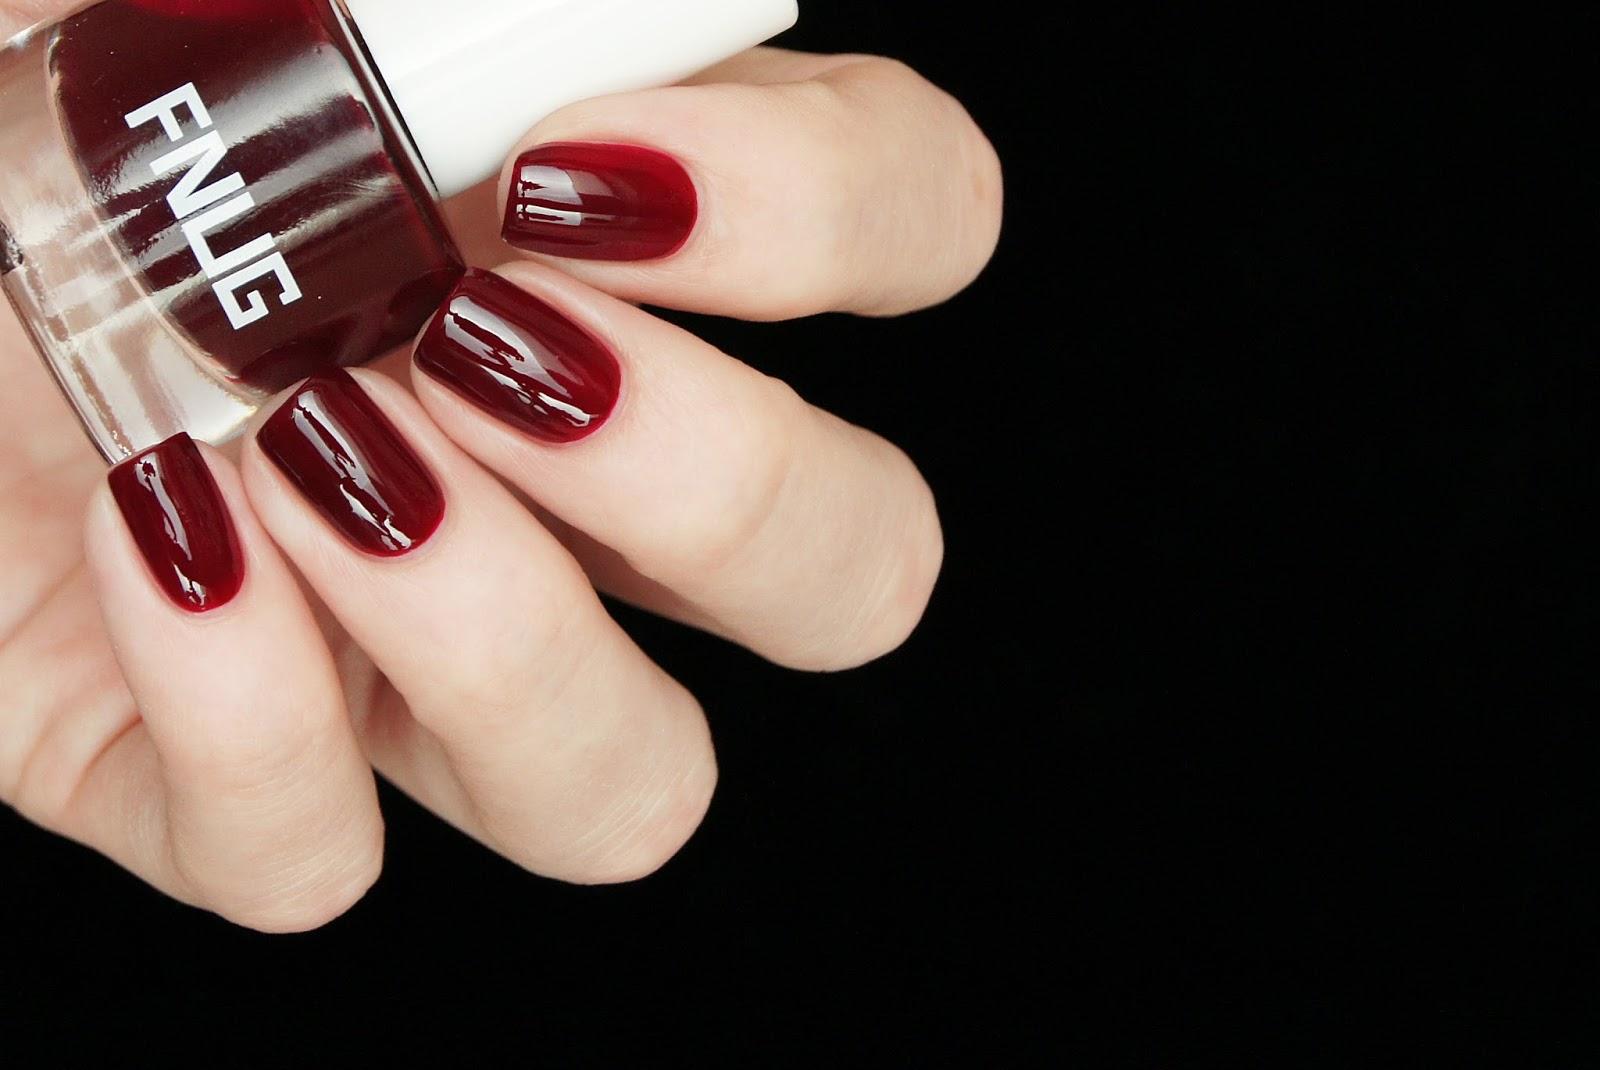 Бордовый - модный цвет лака для ногтей - Women s Health 33